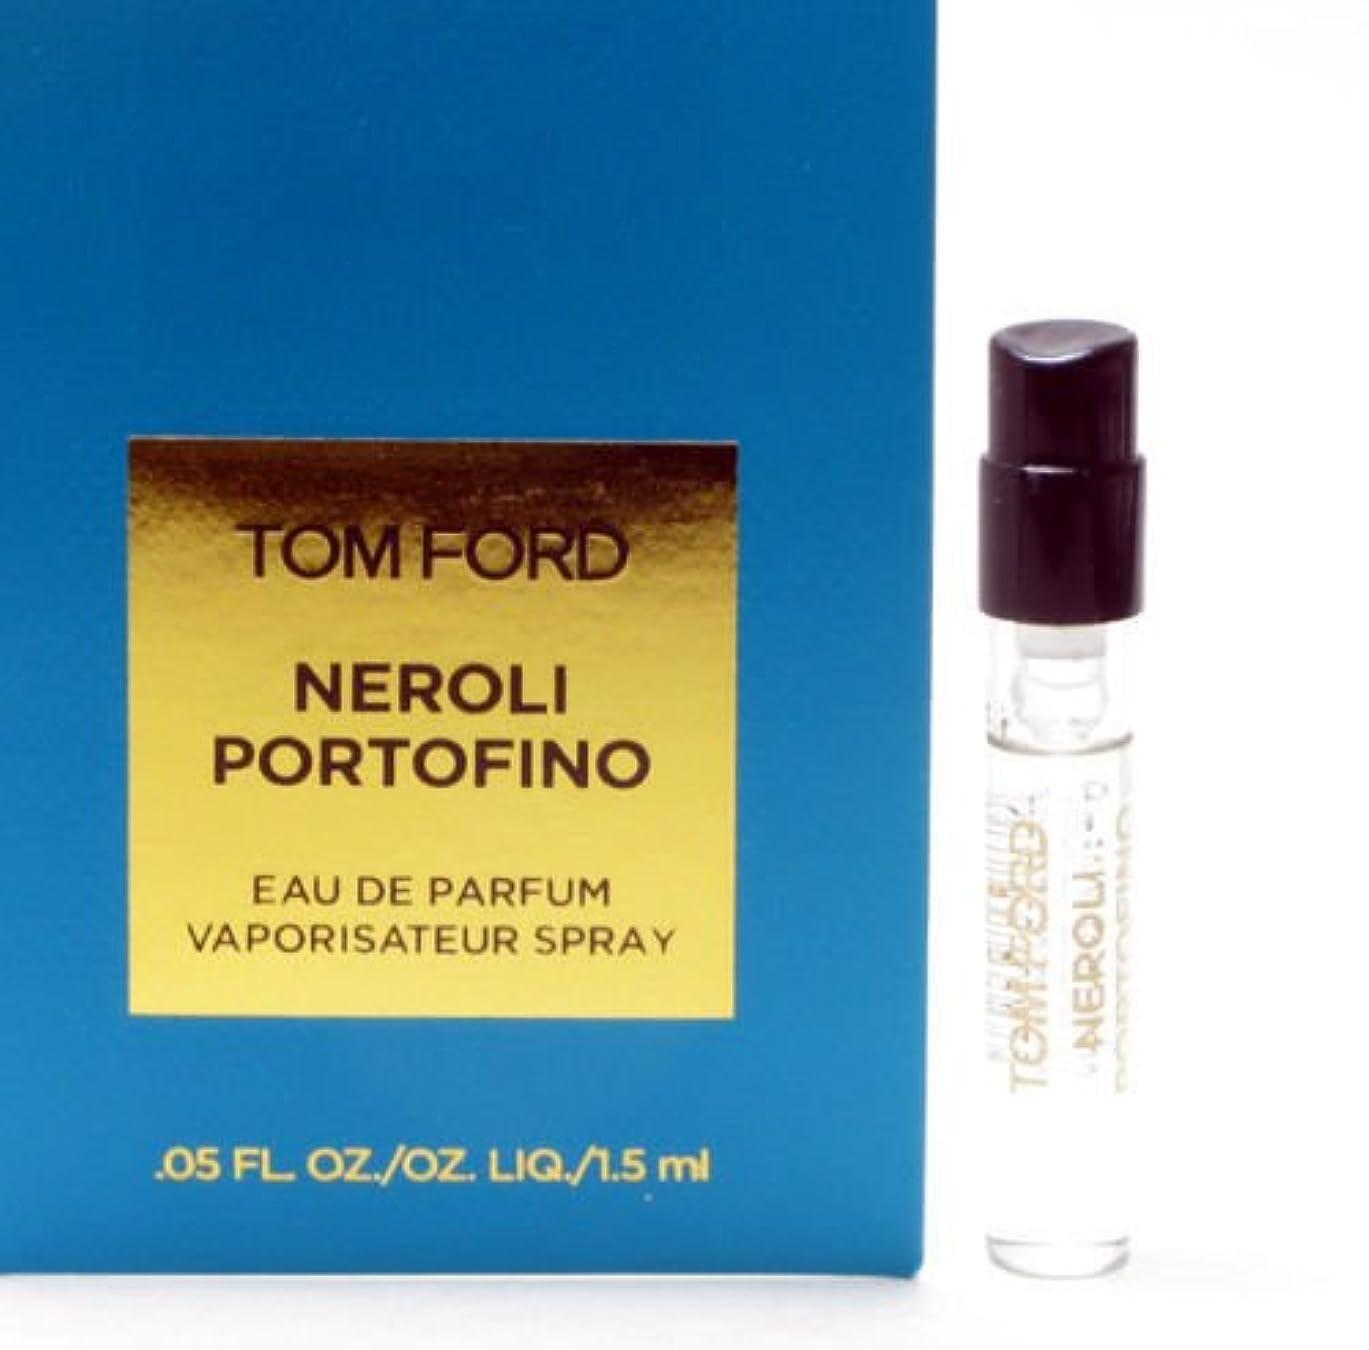 限り充実民間人Tom Ford Private Blend 'Neroli Portofino' (トムフォード プライベートブレンド ネロリポートフィーノ) 0.05 oz (1.5ml) EDP Sample サンプル Spray